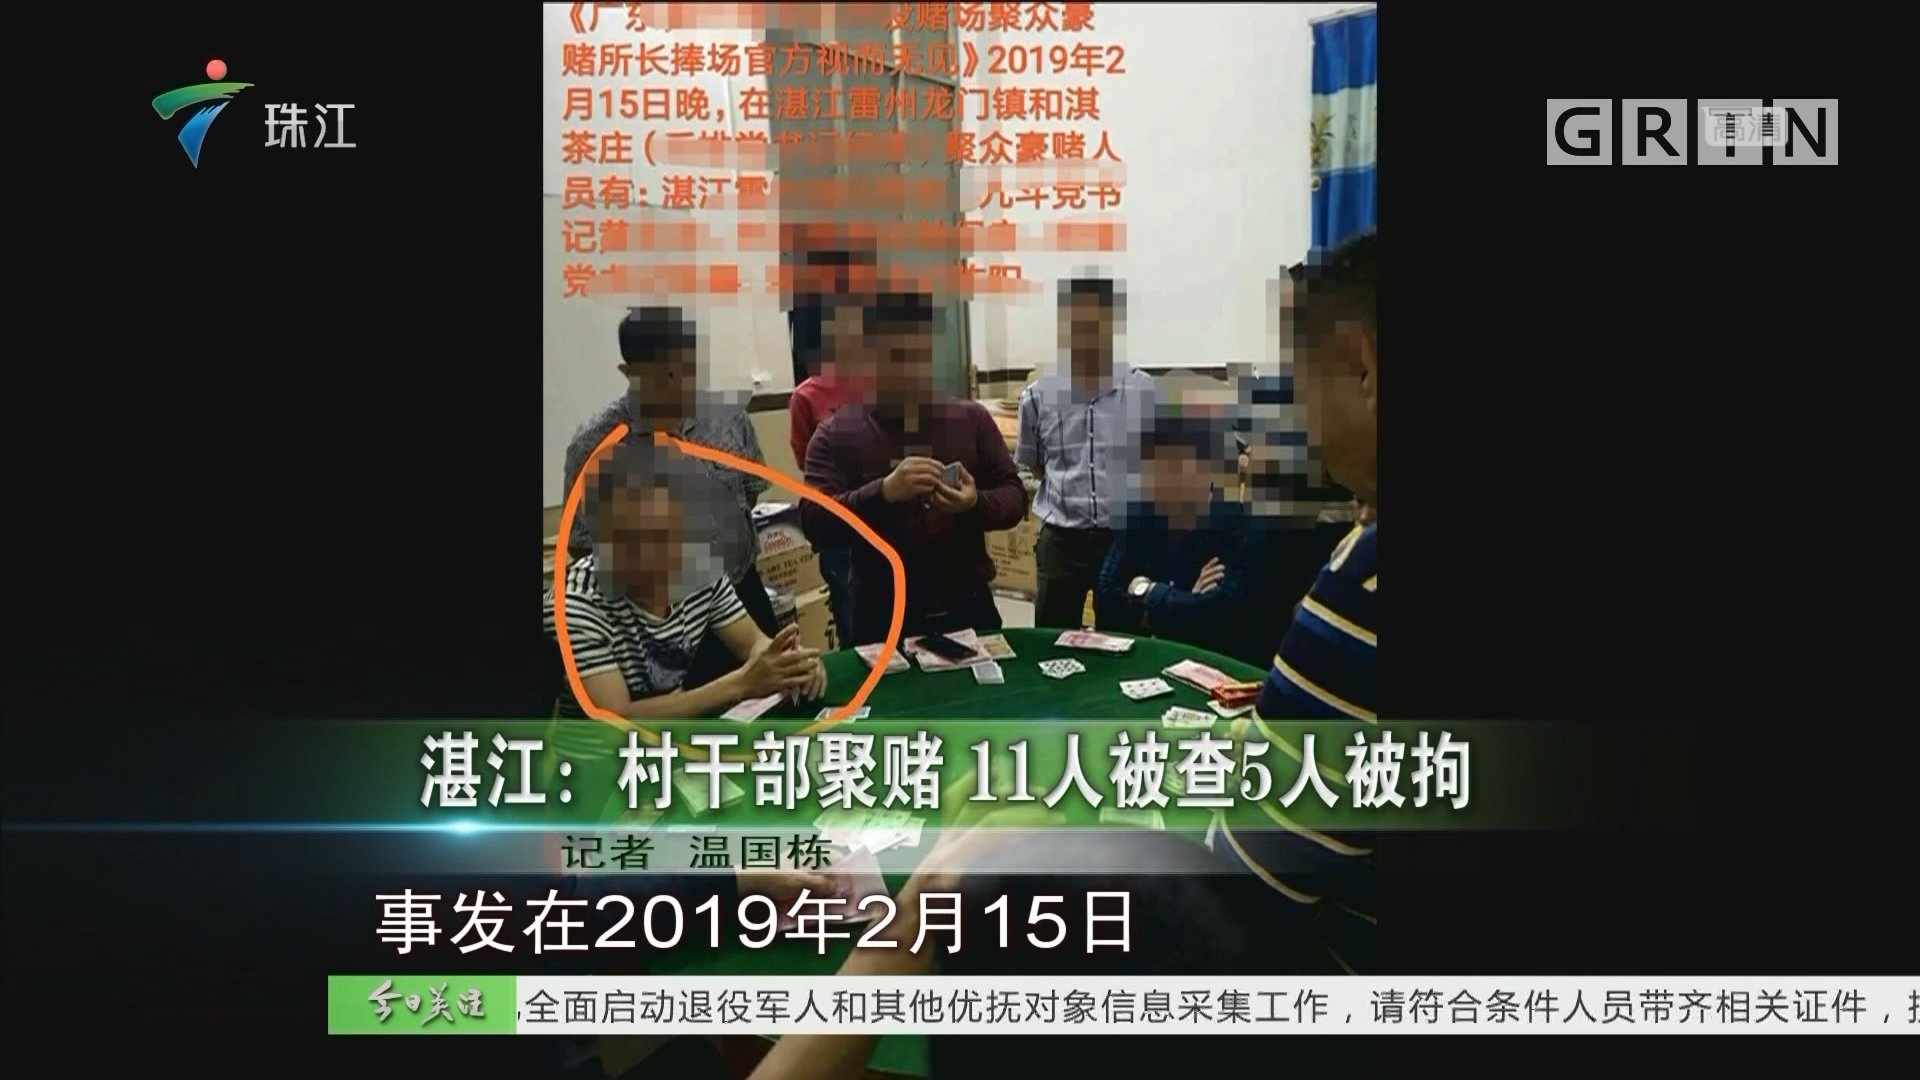 湛江:村干部聚赌 11人被查5人被拘